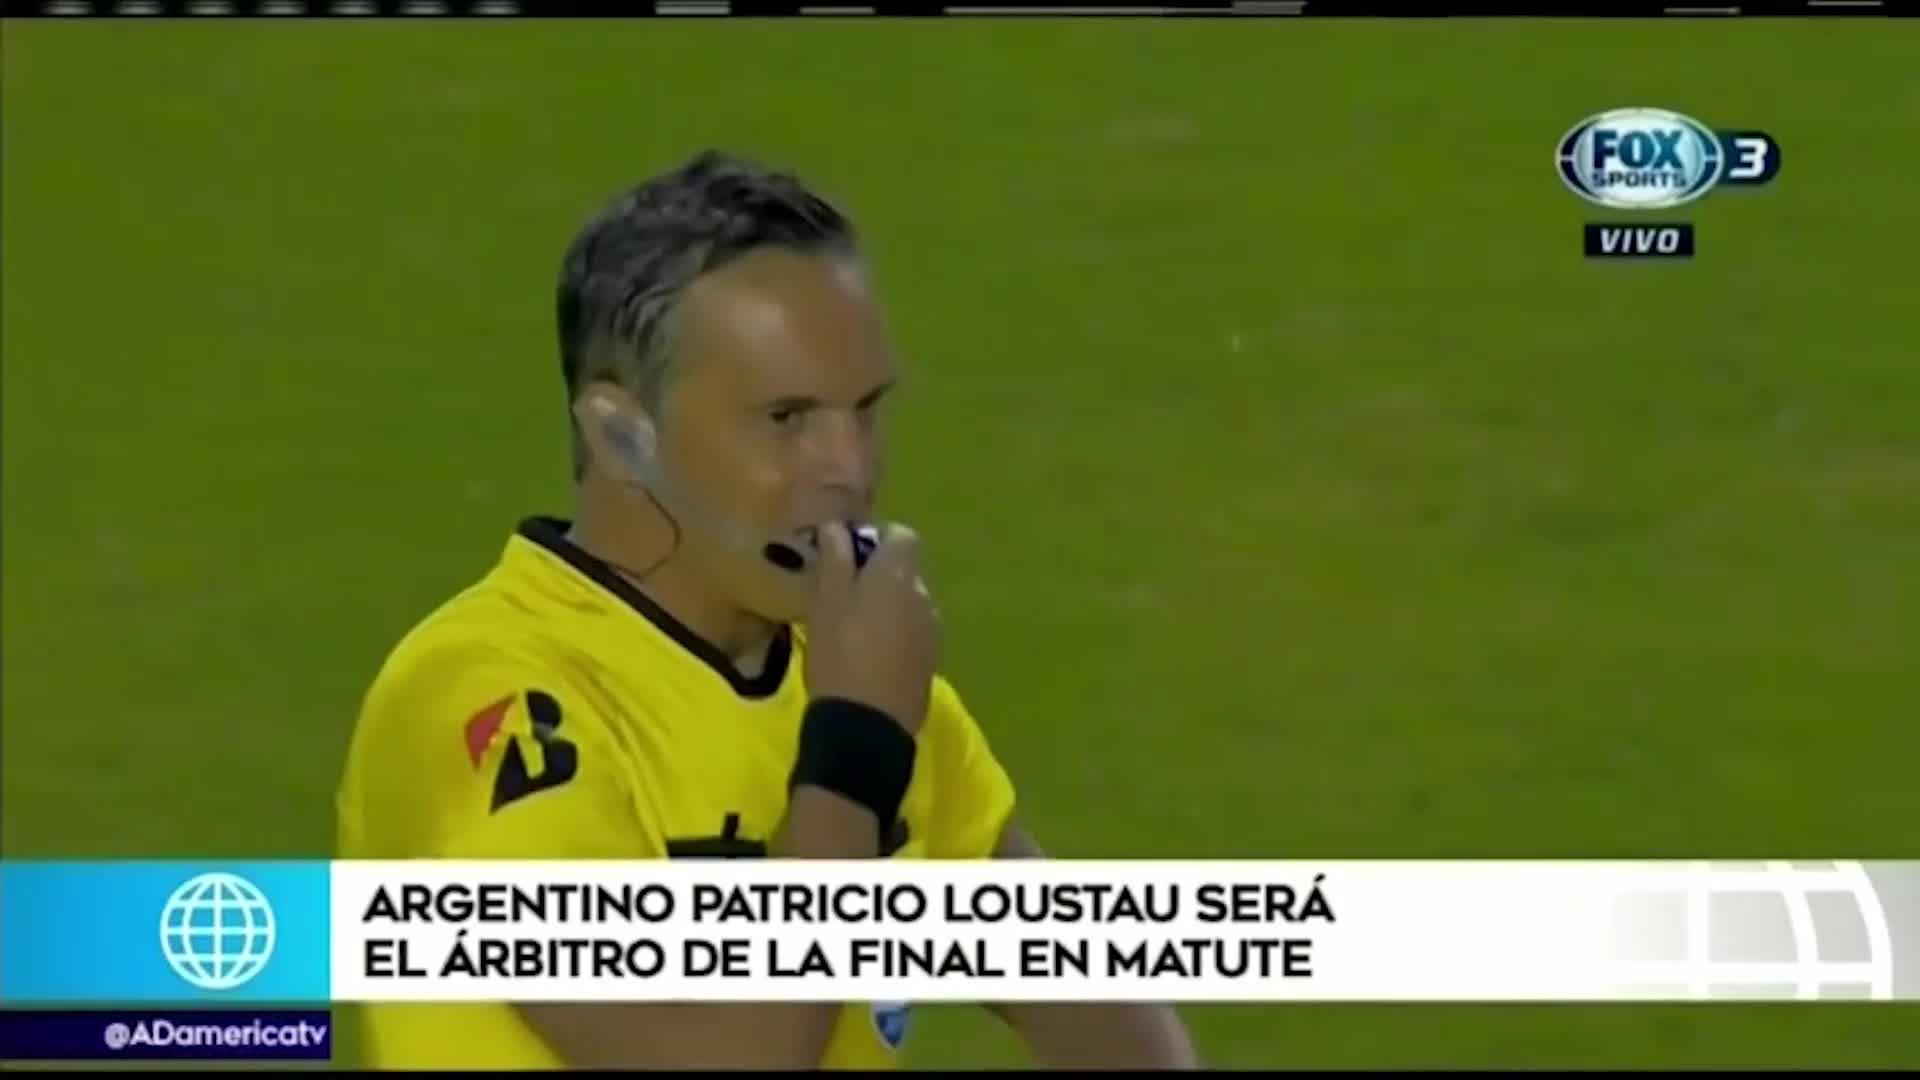 Patricio Loustau, el árbitro argentino que dirigirá la final entre Alianza Lima y Binacional